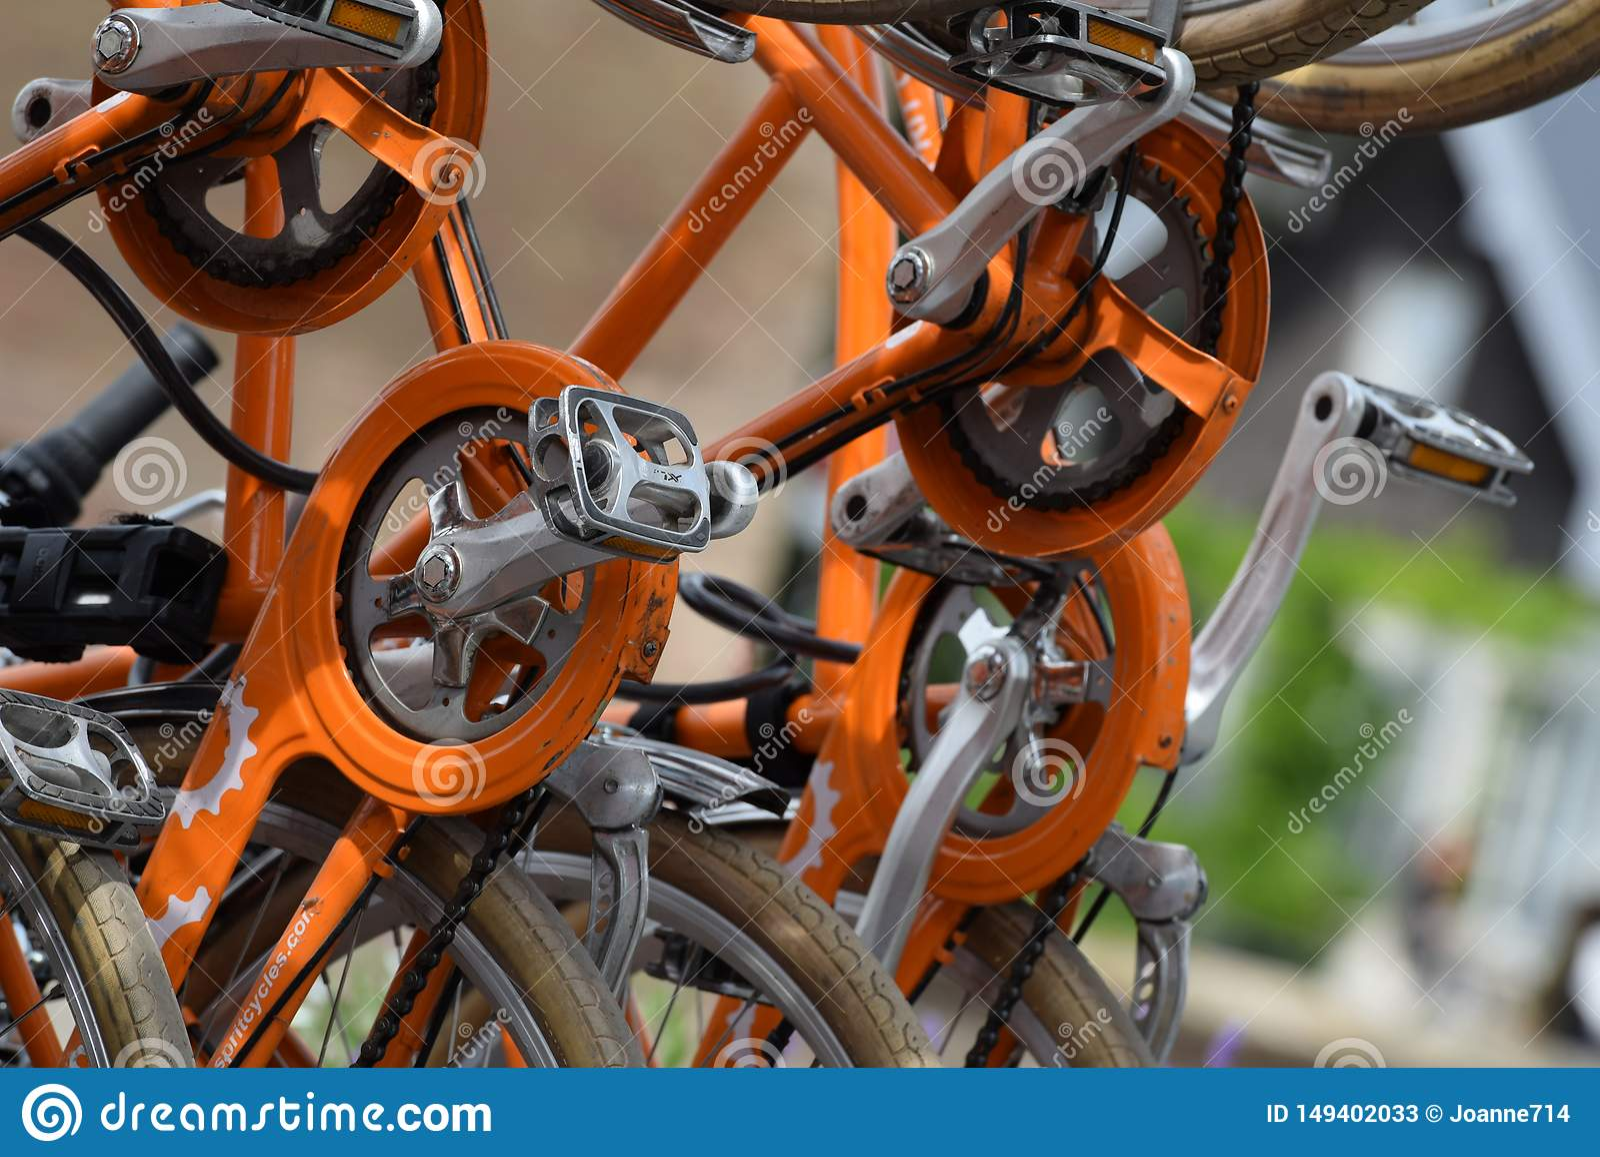 Orange cykelkugghjul & kedjor